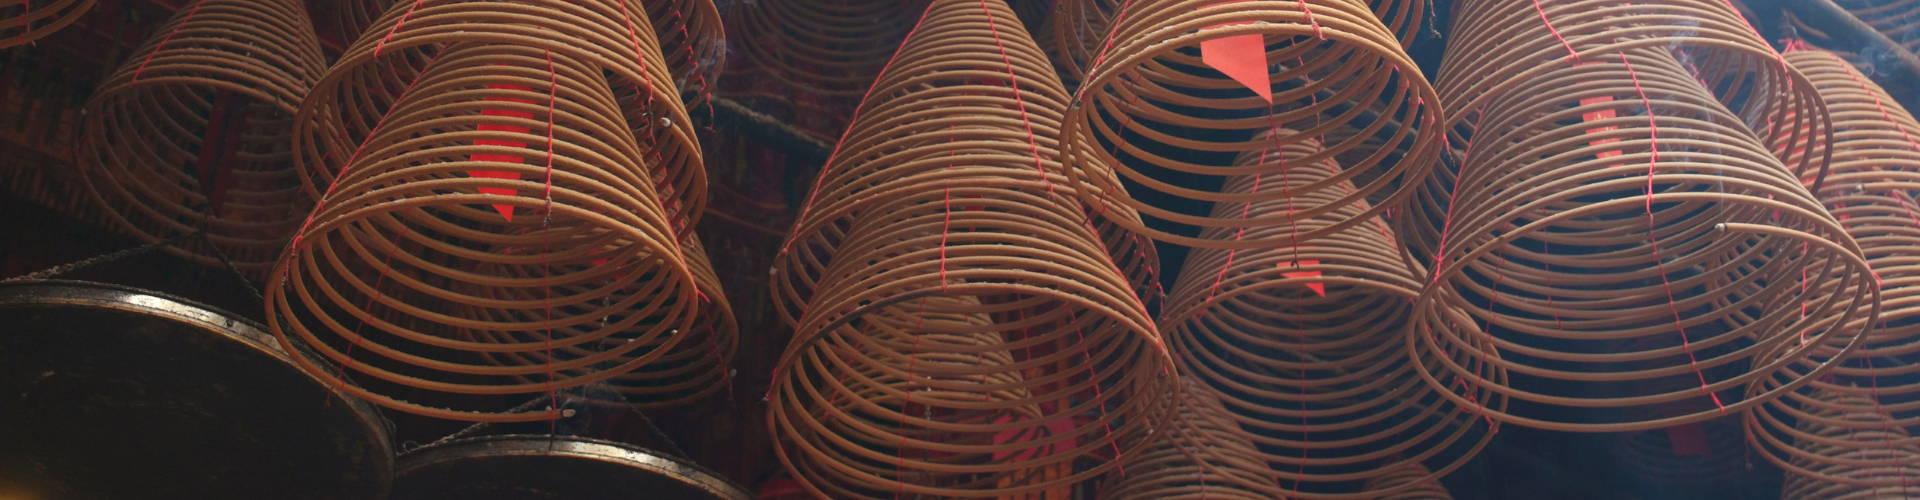 incense coils haginh